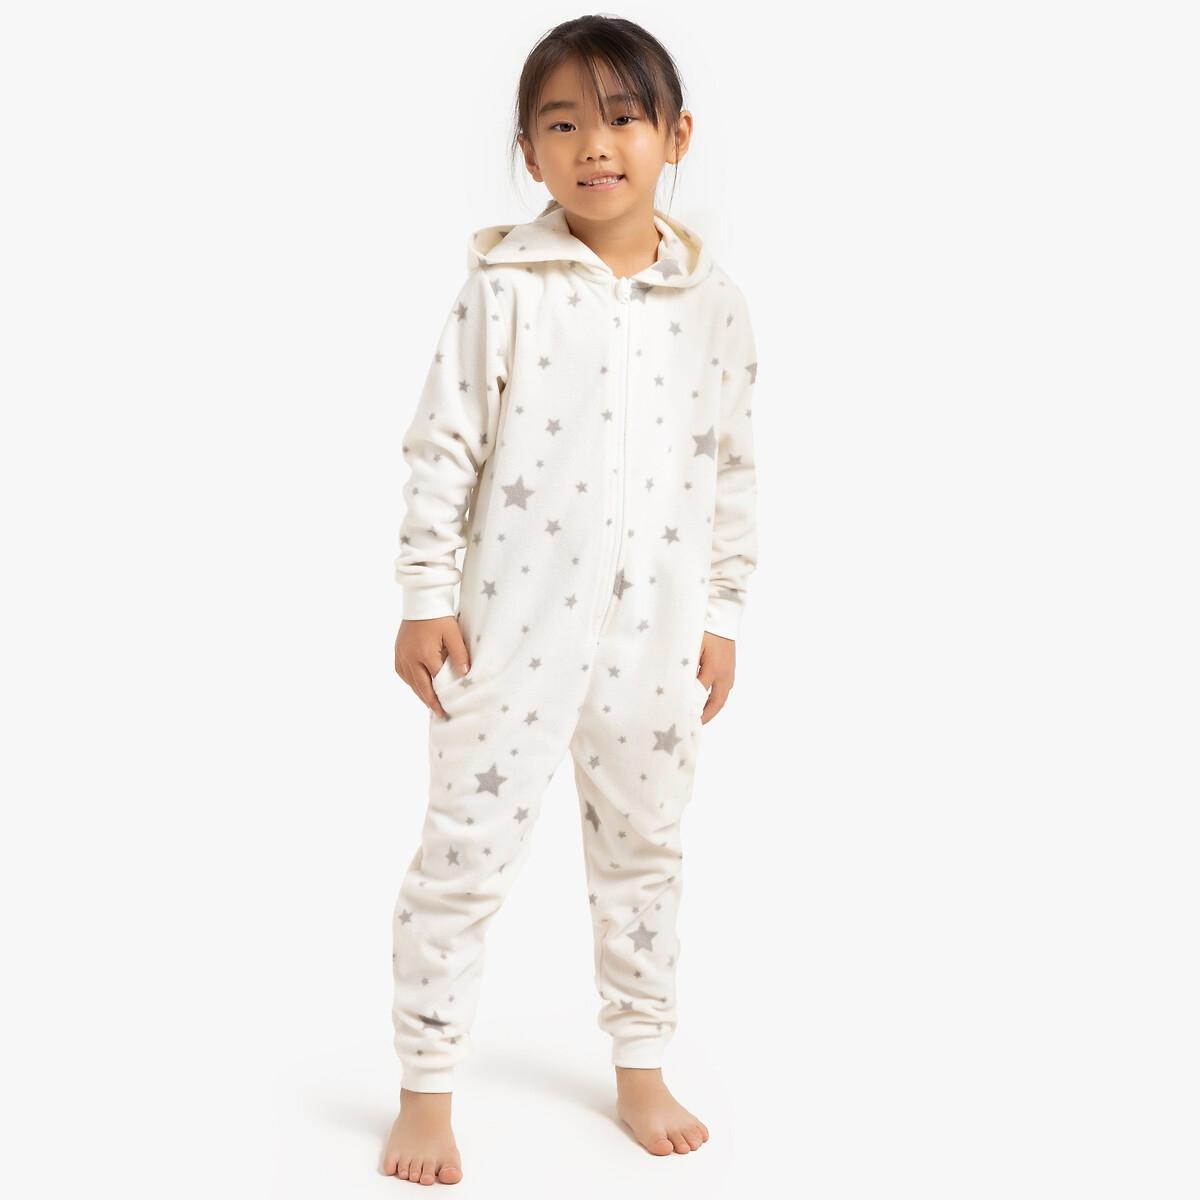 Пижама LaRedoute Цельная с длинными рукавами с капюшоном 3-12 лет 4 года - 102 см бежевый блузка laredoute с длинными рукавами и отделкой макраме 3 12 лет 4 года 102 см бежевый